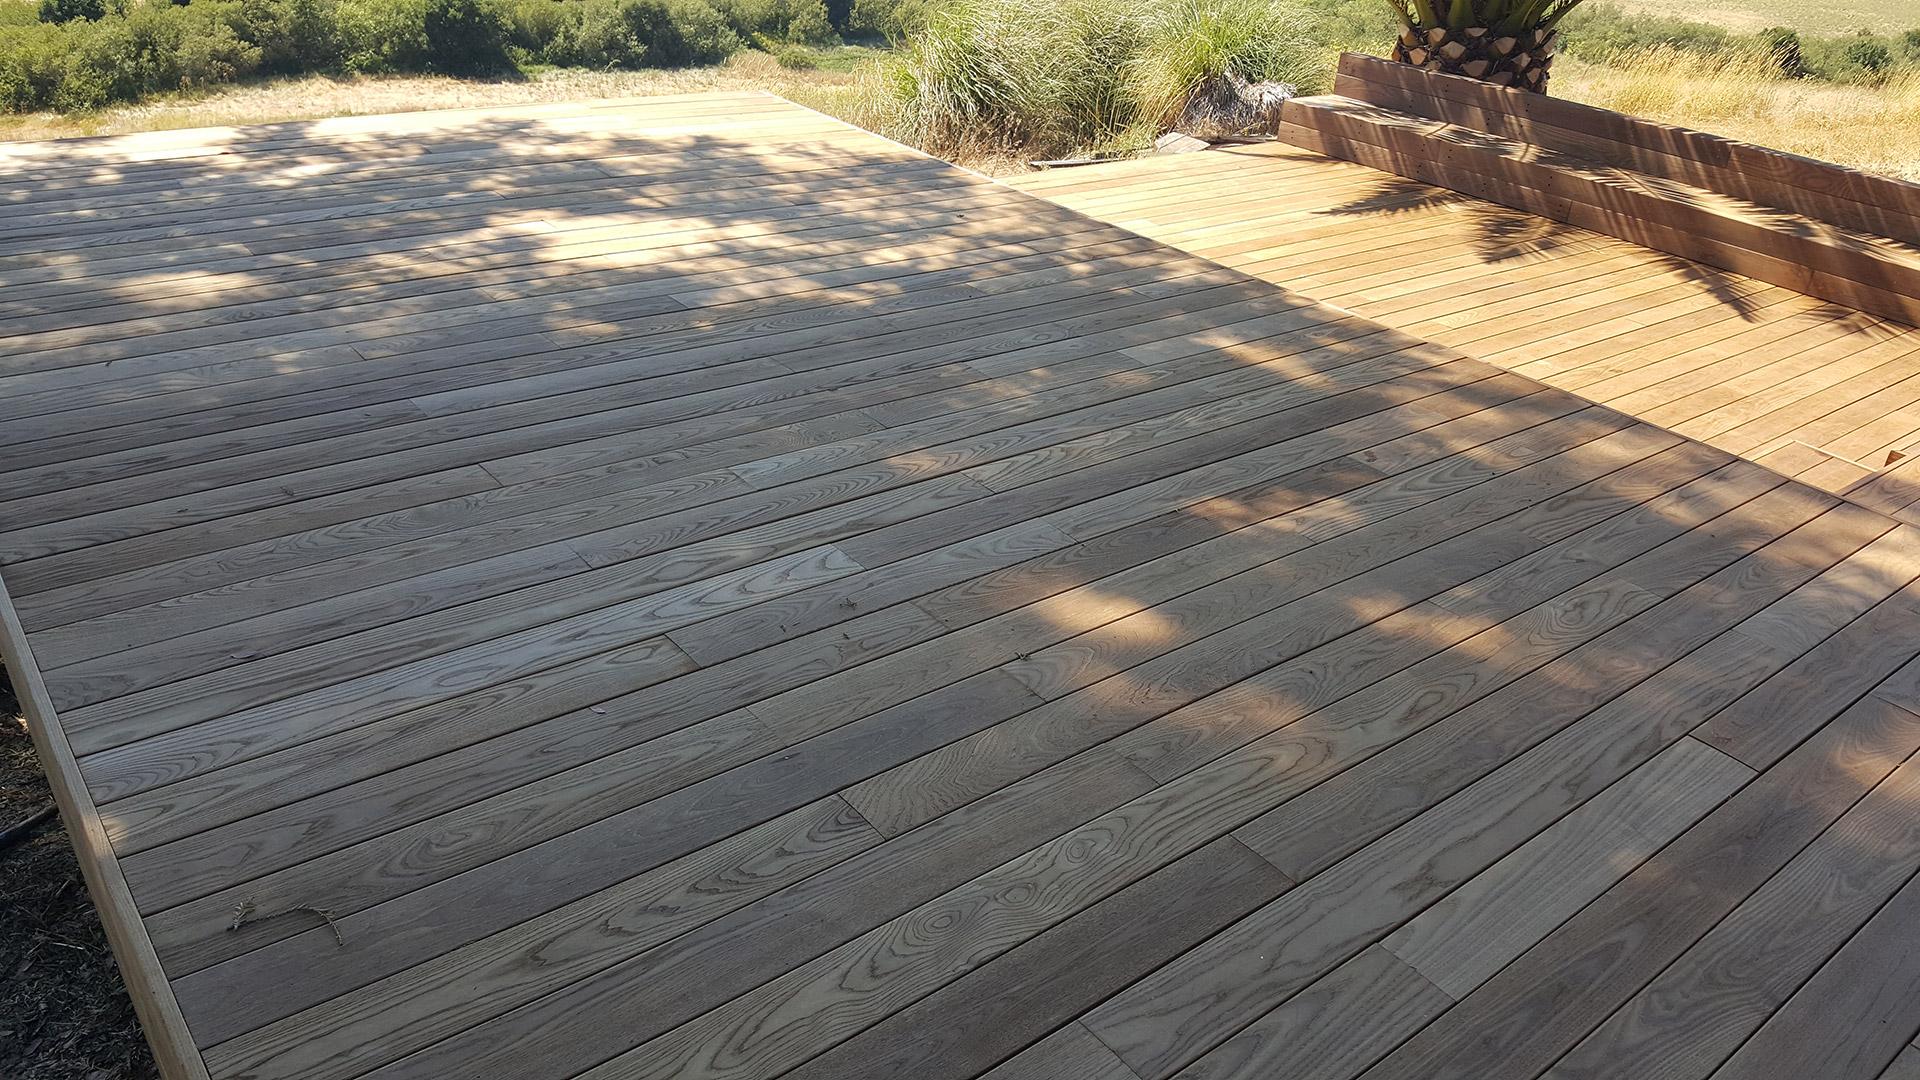 thermalwood-petaluma-deck-shade-hd